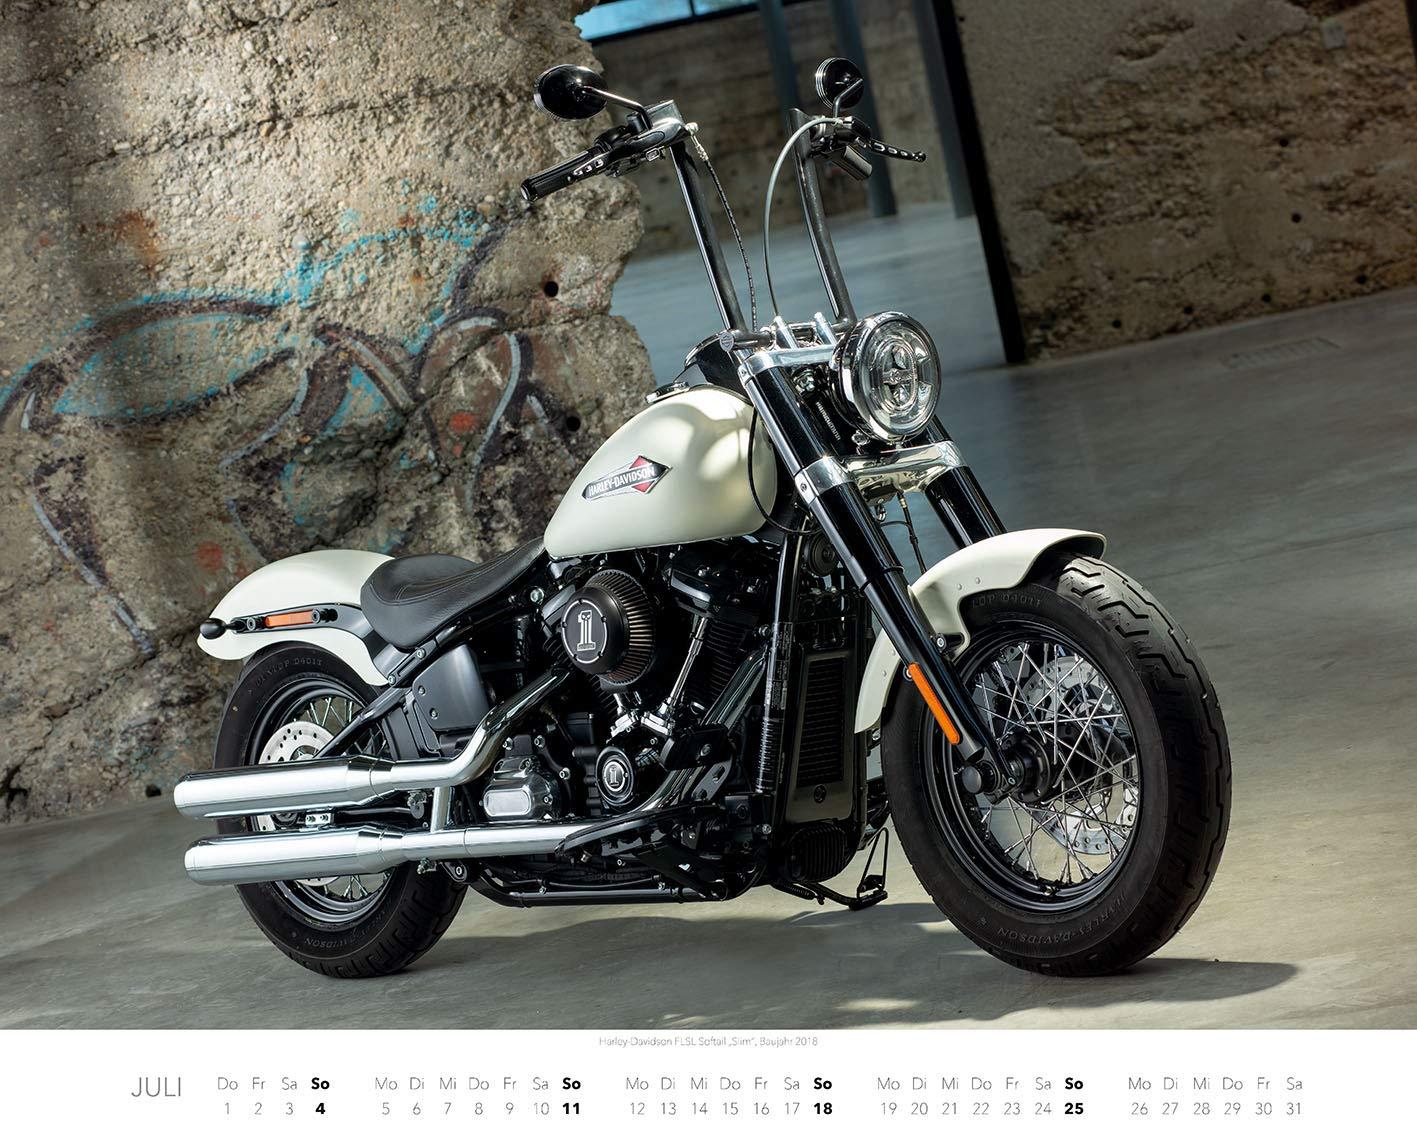 Best Of Harley Davidson 2021 Bikertraume Aus Milwaukee Amazon De Rebmann Dieter Bucher